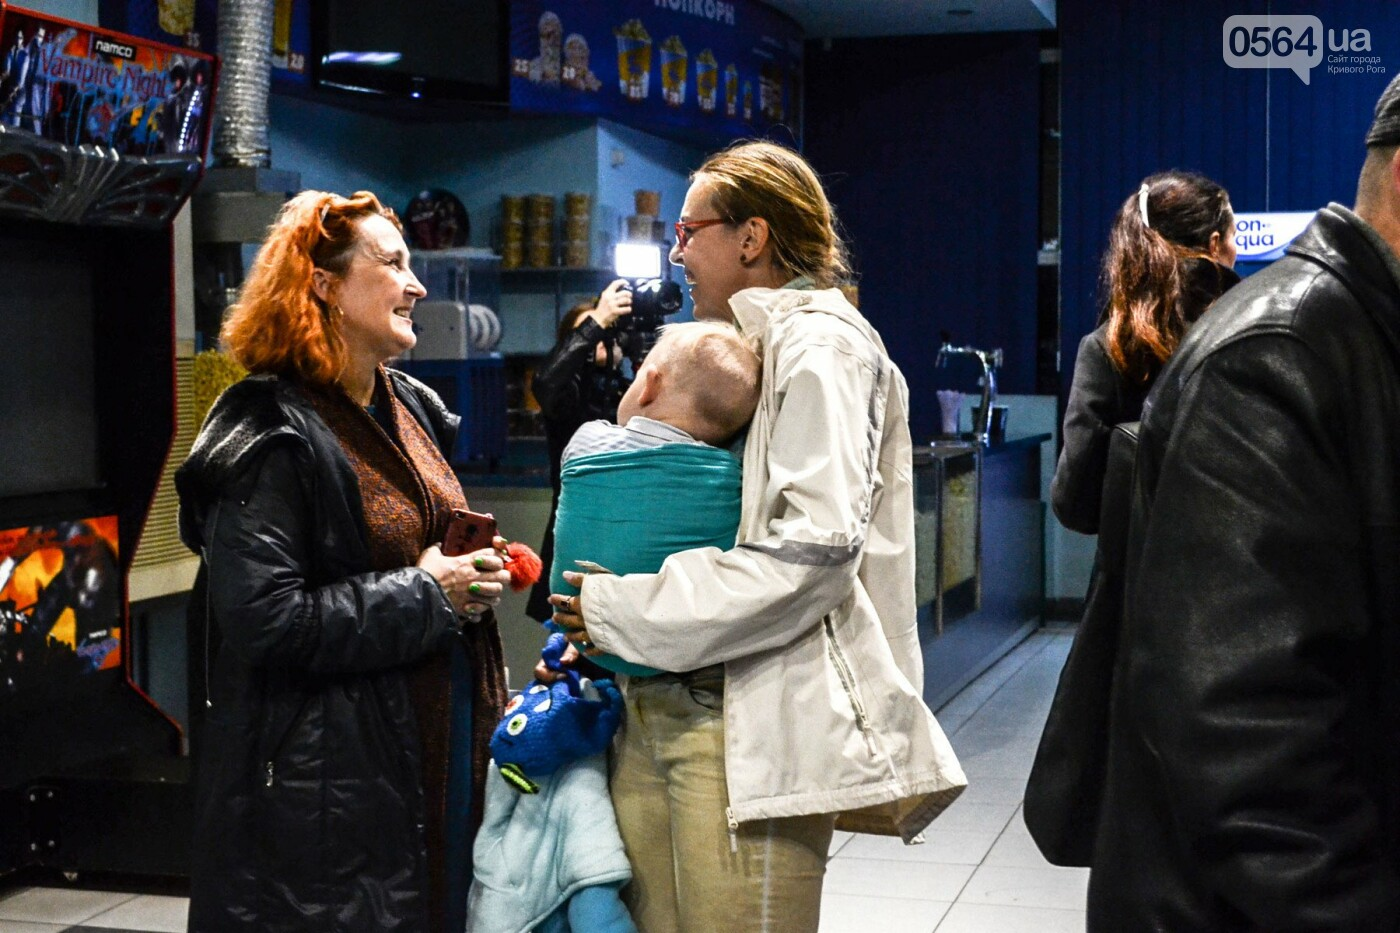 """""""Дорогами Европы"""": в Кривом Роге проходит уникальная фотовыставка ветерана АТО, - ФОТО, ВИДЕО, фото-11"""